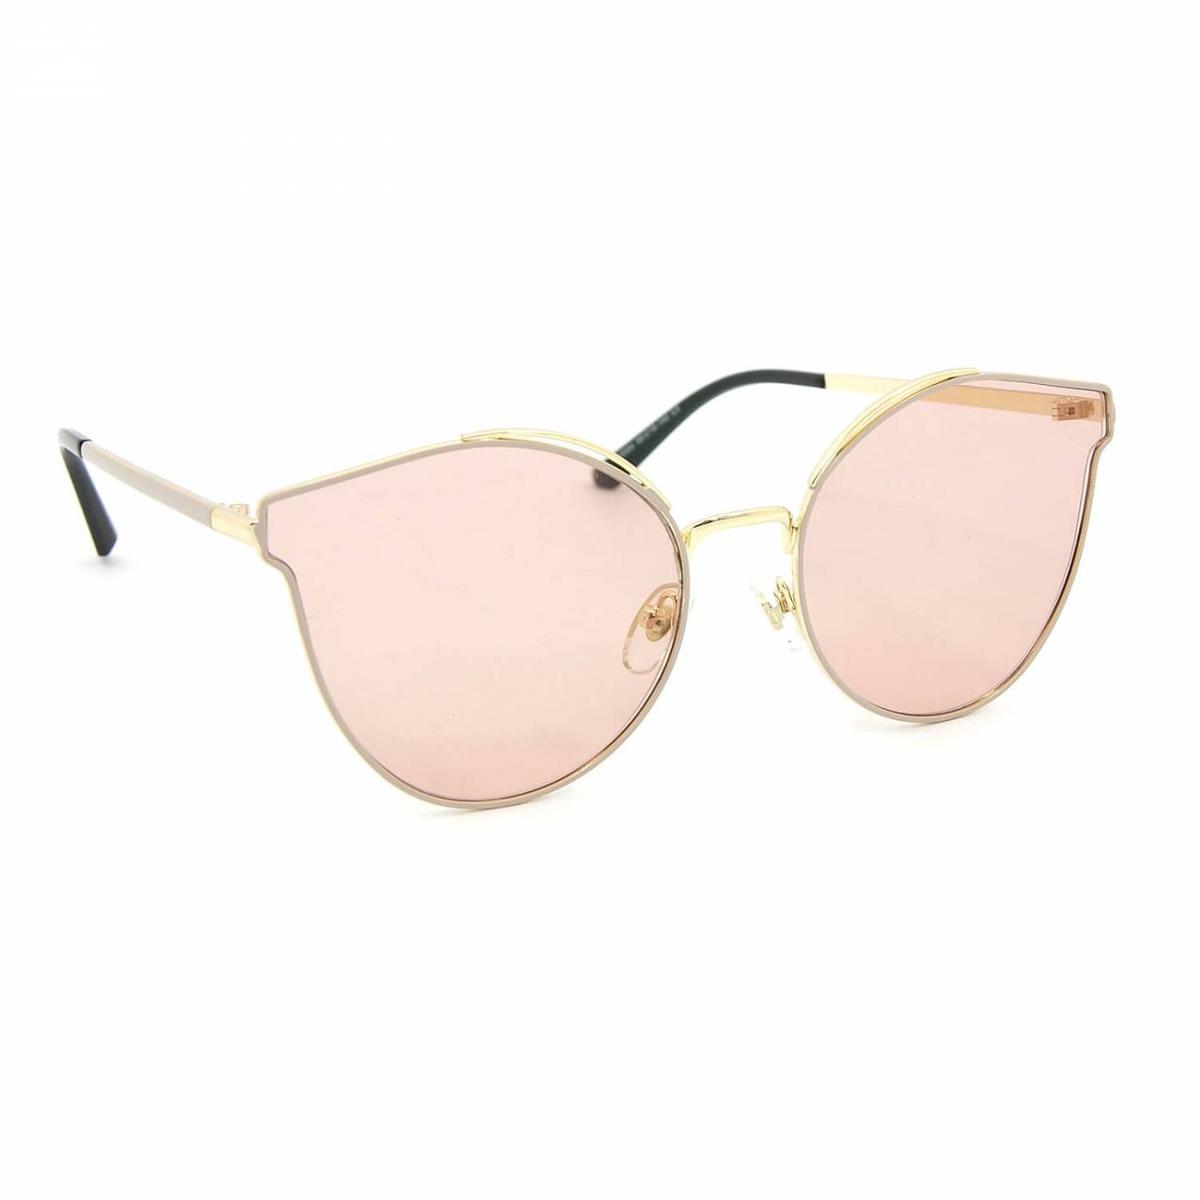 f2c31ff78 Óculos De Sol Gatinha Lente Transparente Rosa - R$ 106,90 em Mercado ...